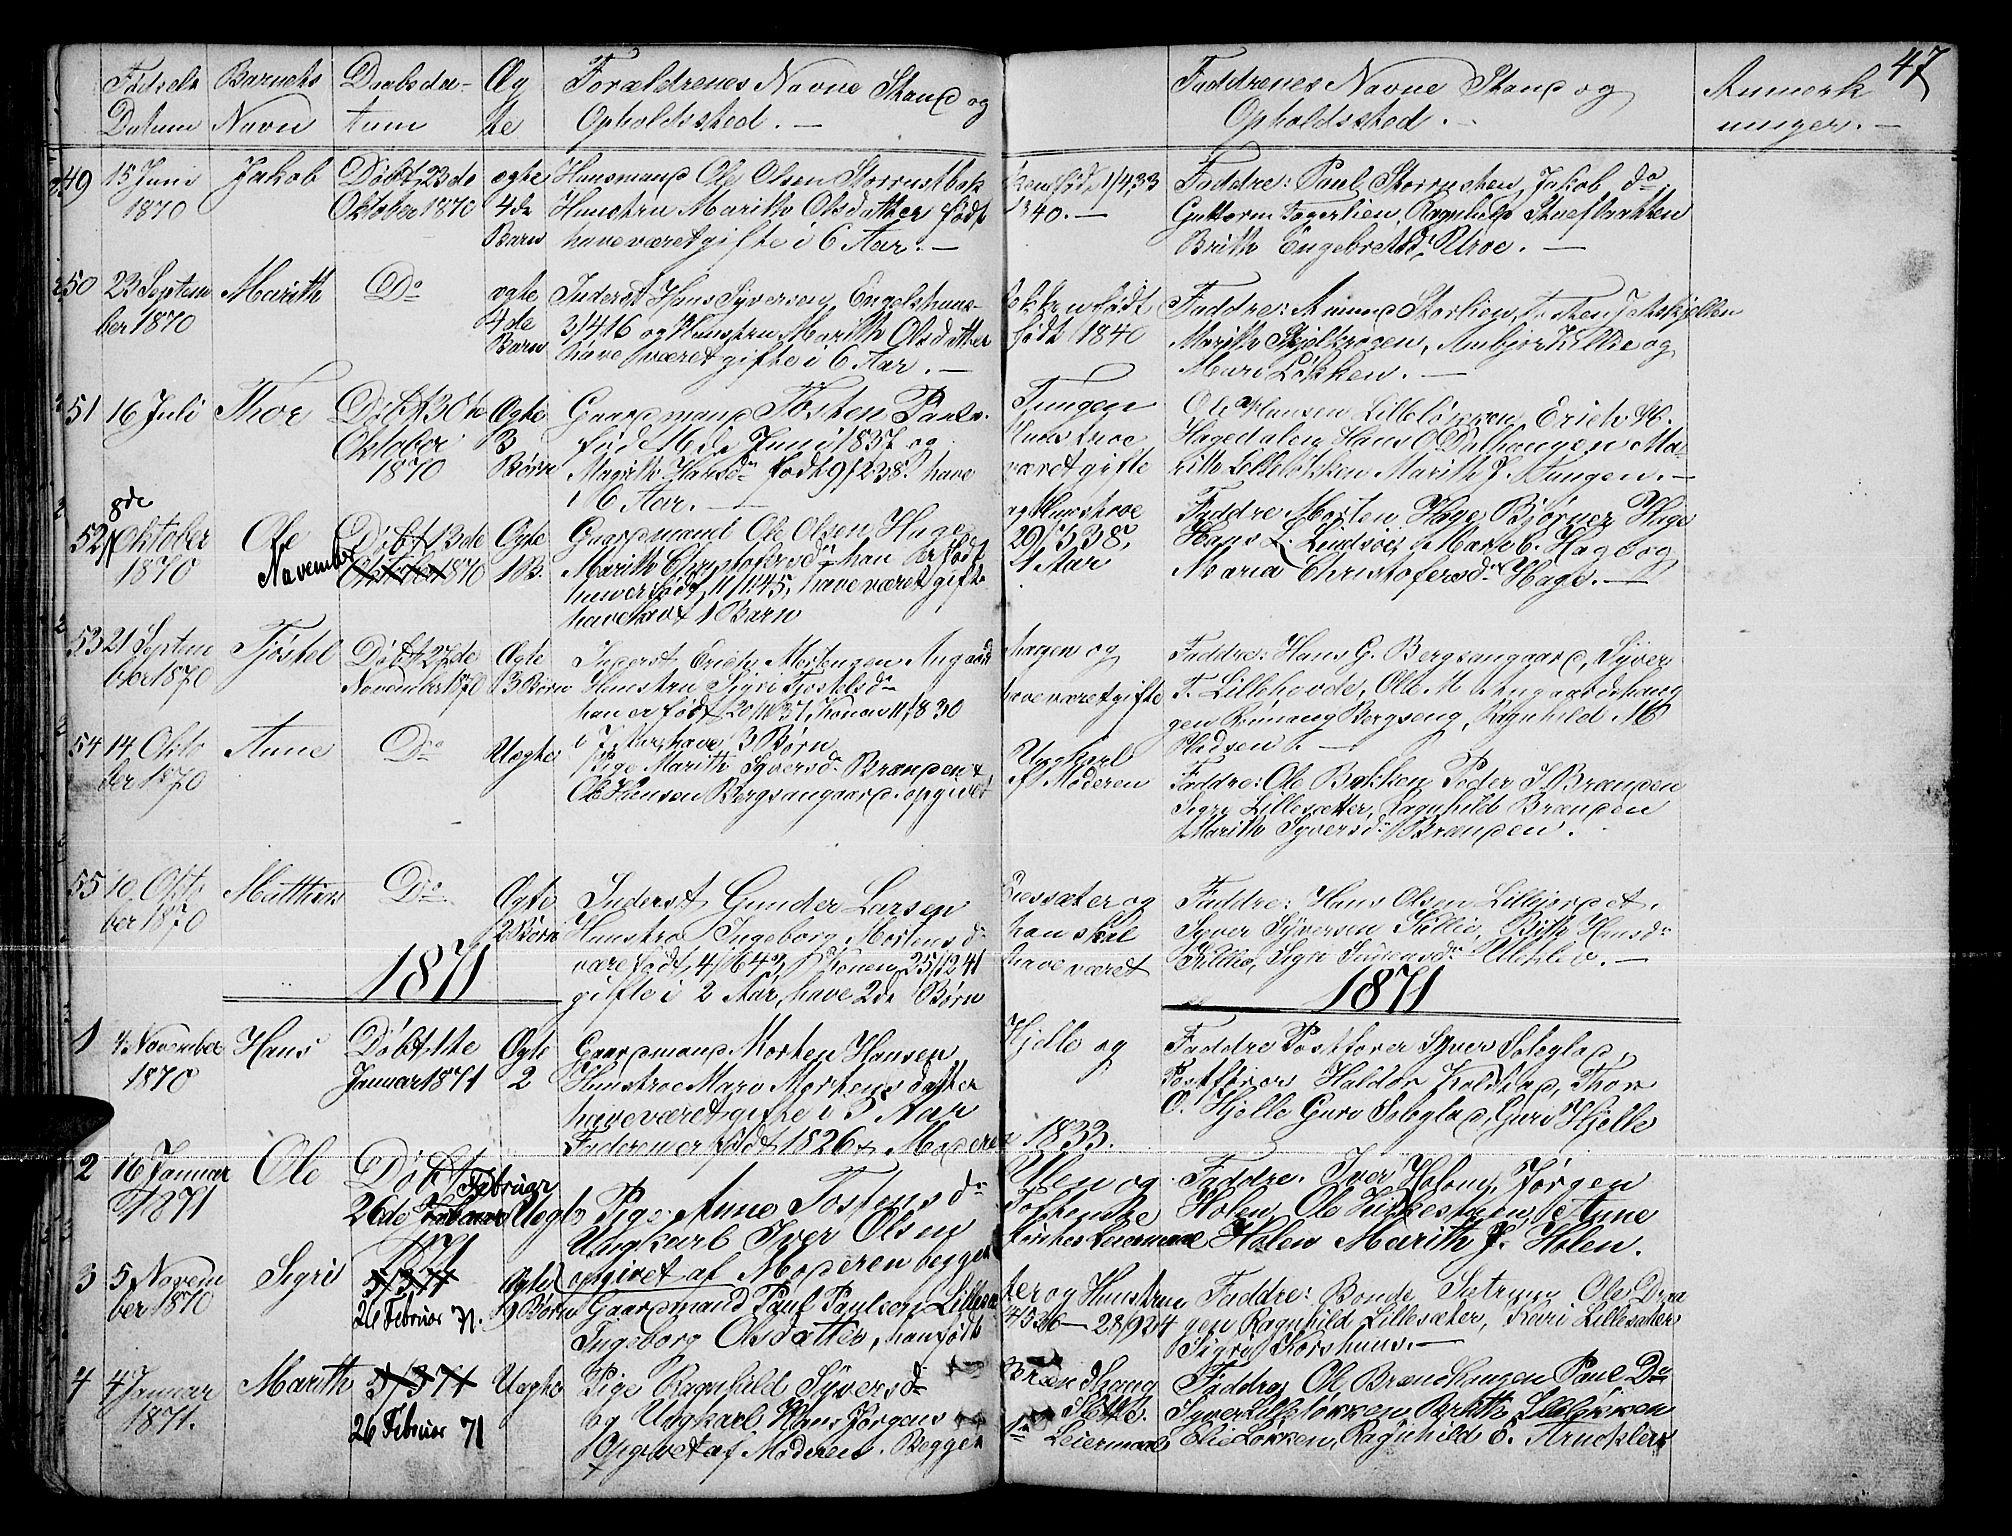 SAH, Dovre prestekontor, Klokkerbok nr. 1, 1862-1880, s. 47